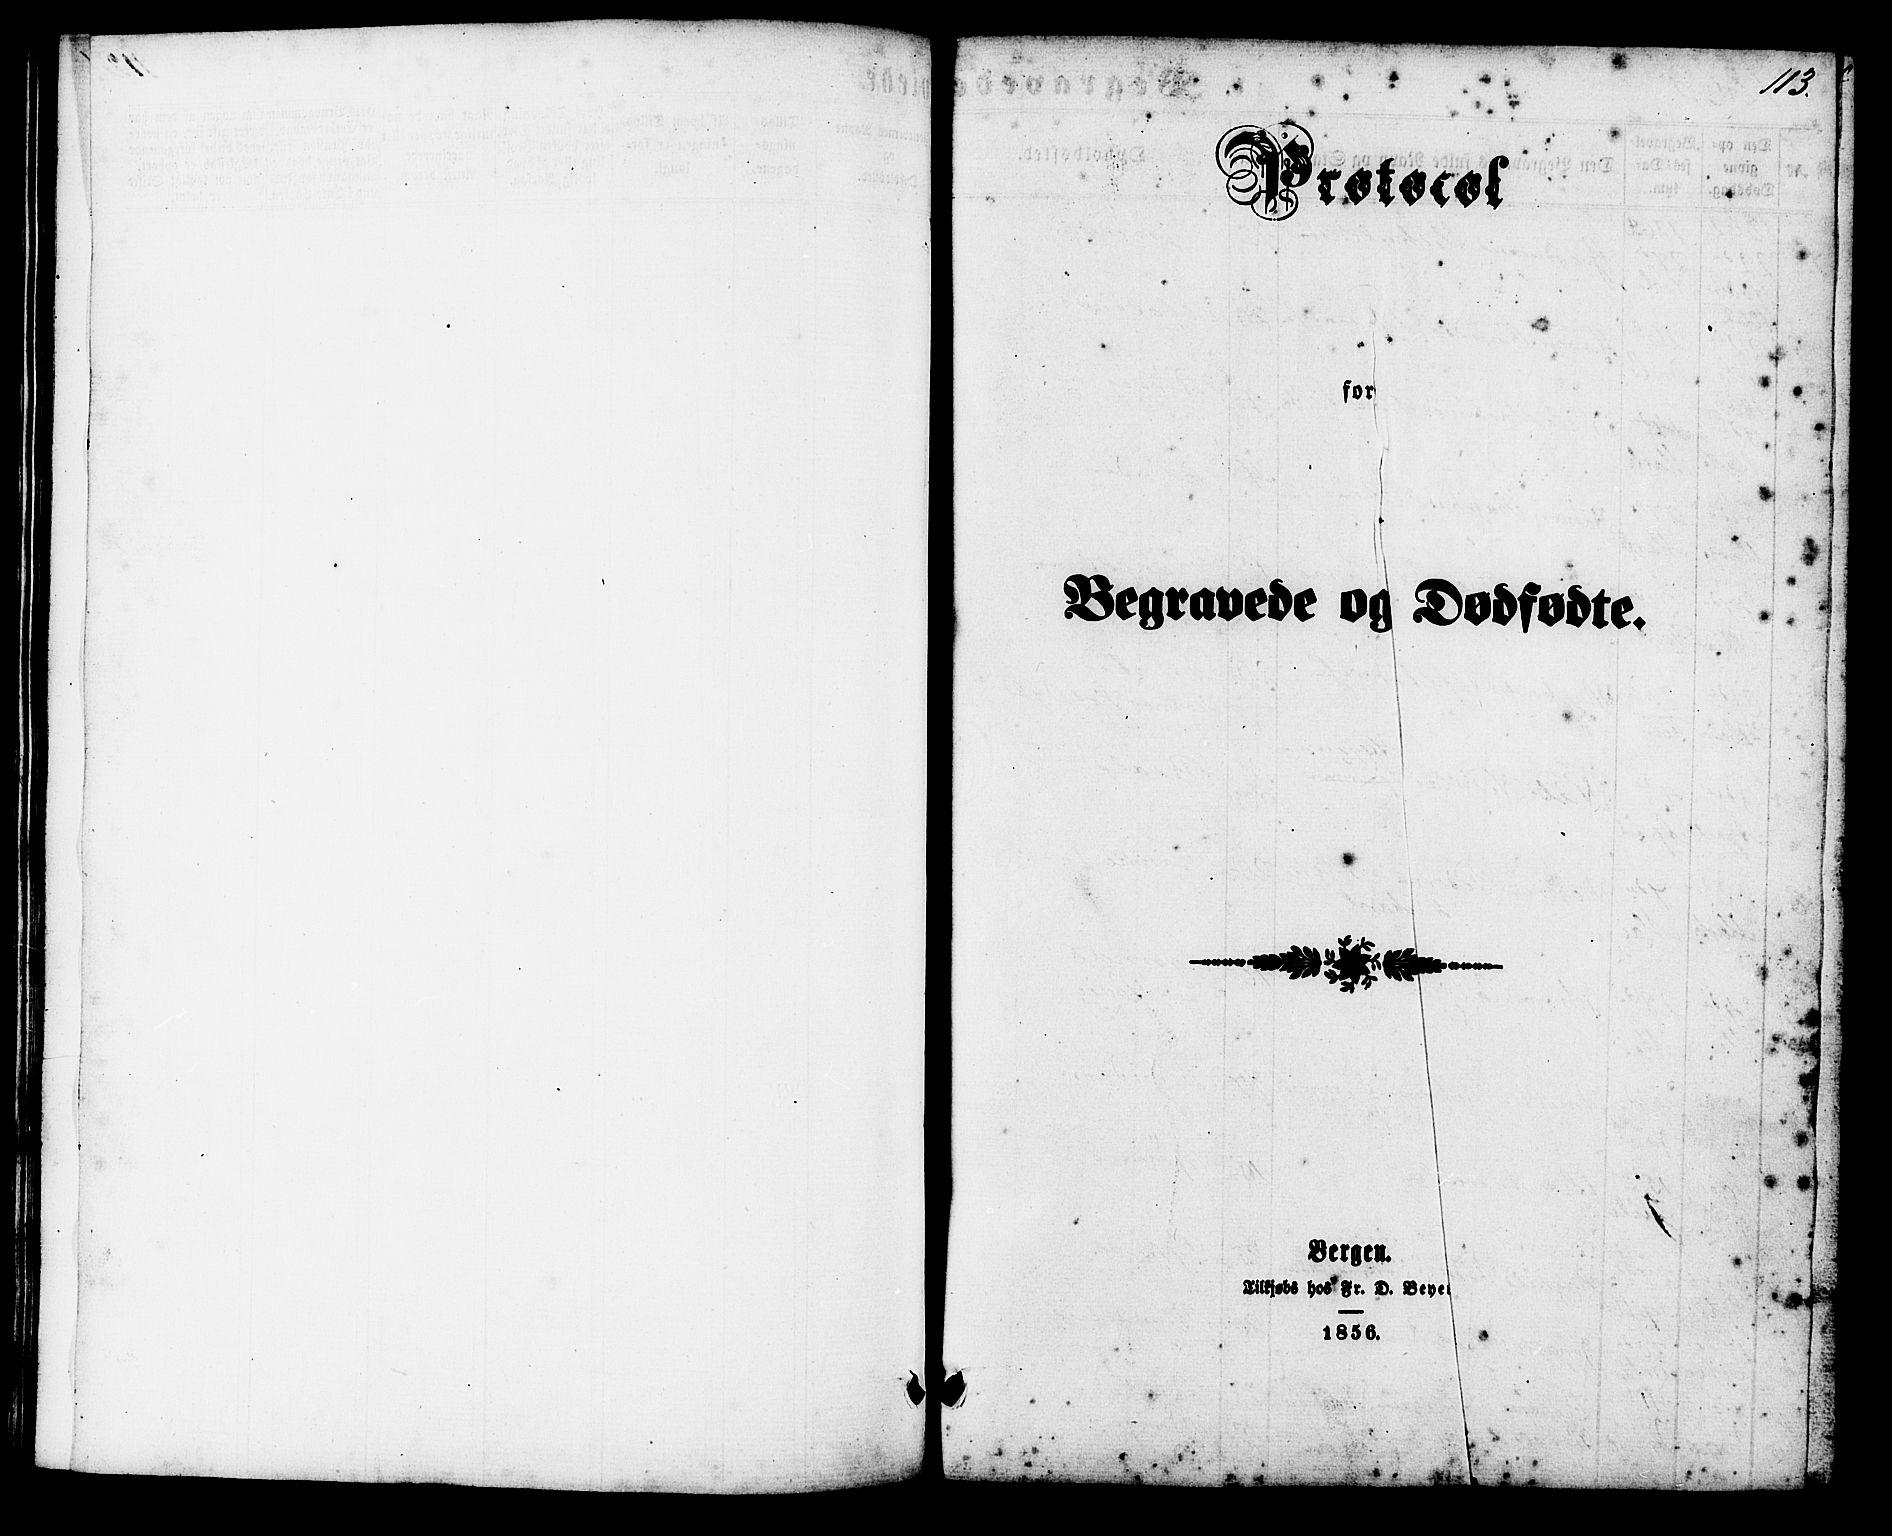 SAT, Ministerialprotokoller, klokkerbøker og fødselsregistre - Møre og Romsdal, 537/L0518: Ministerialbok nr. 537A02, 1862-1876, s. 113